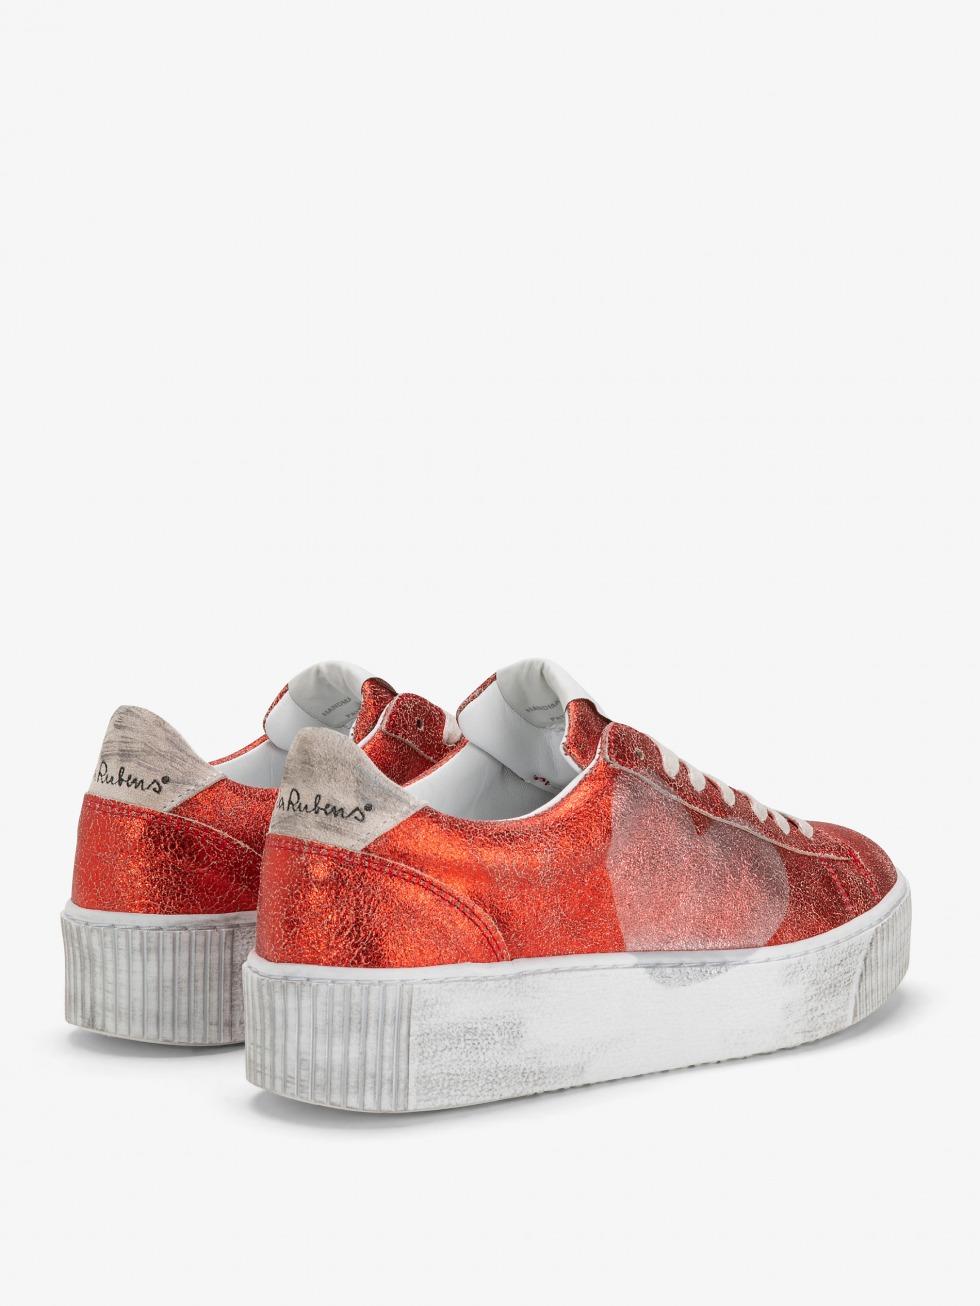 Cosmopolitan Vintage Red Sneakers - Heart